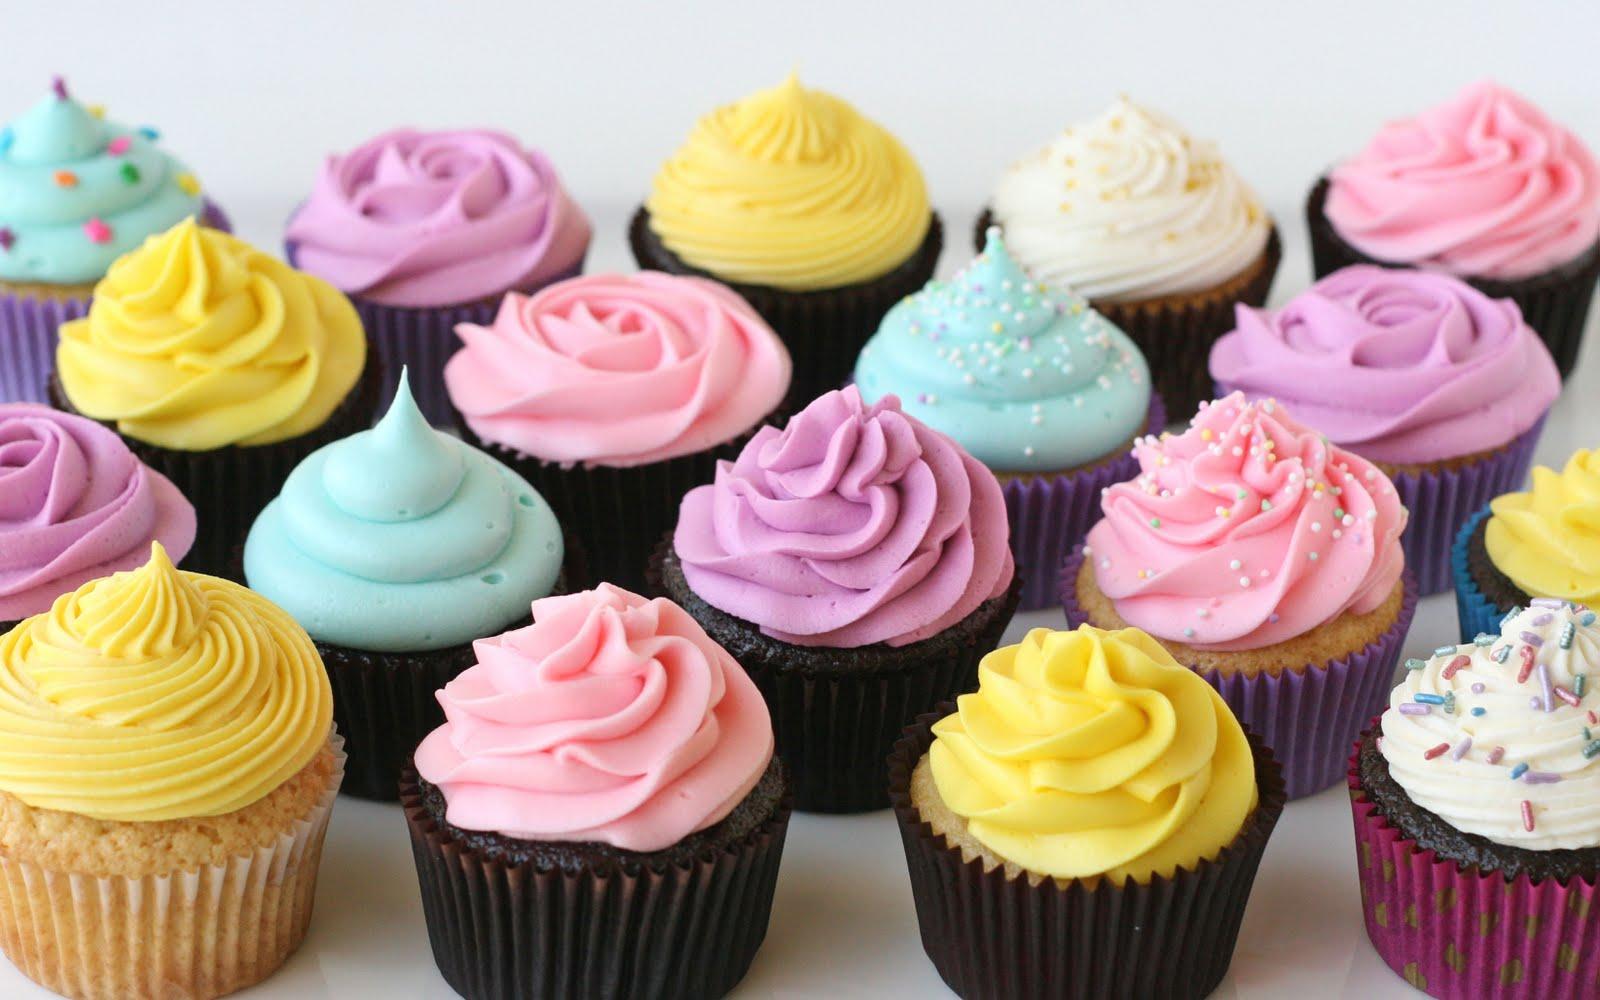 Strani fatti sui cupcakes